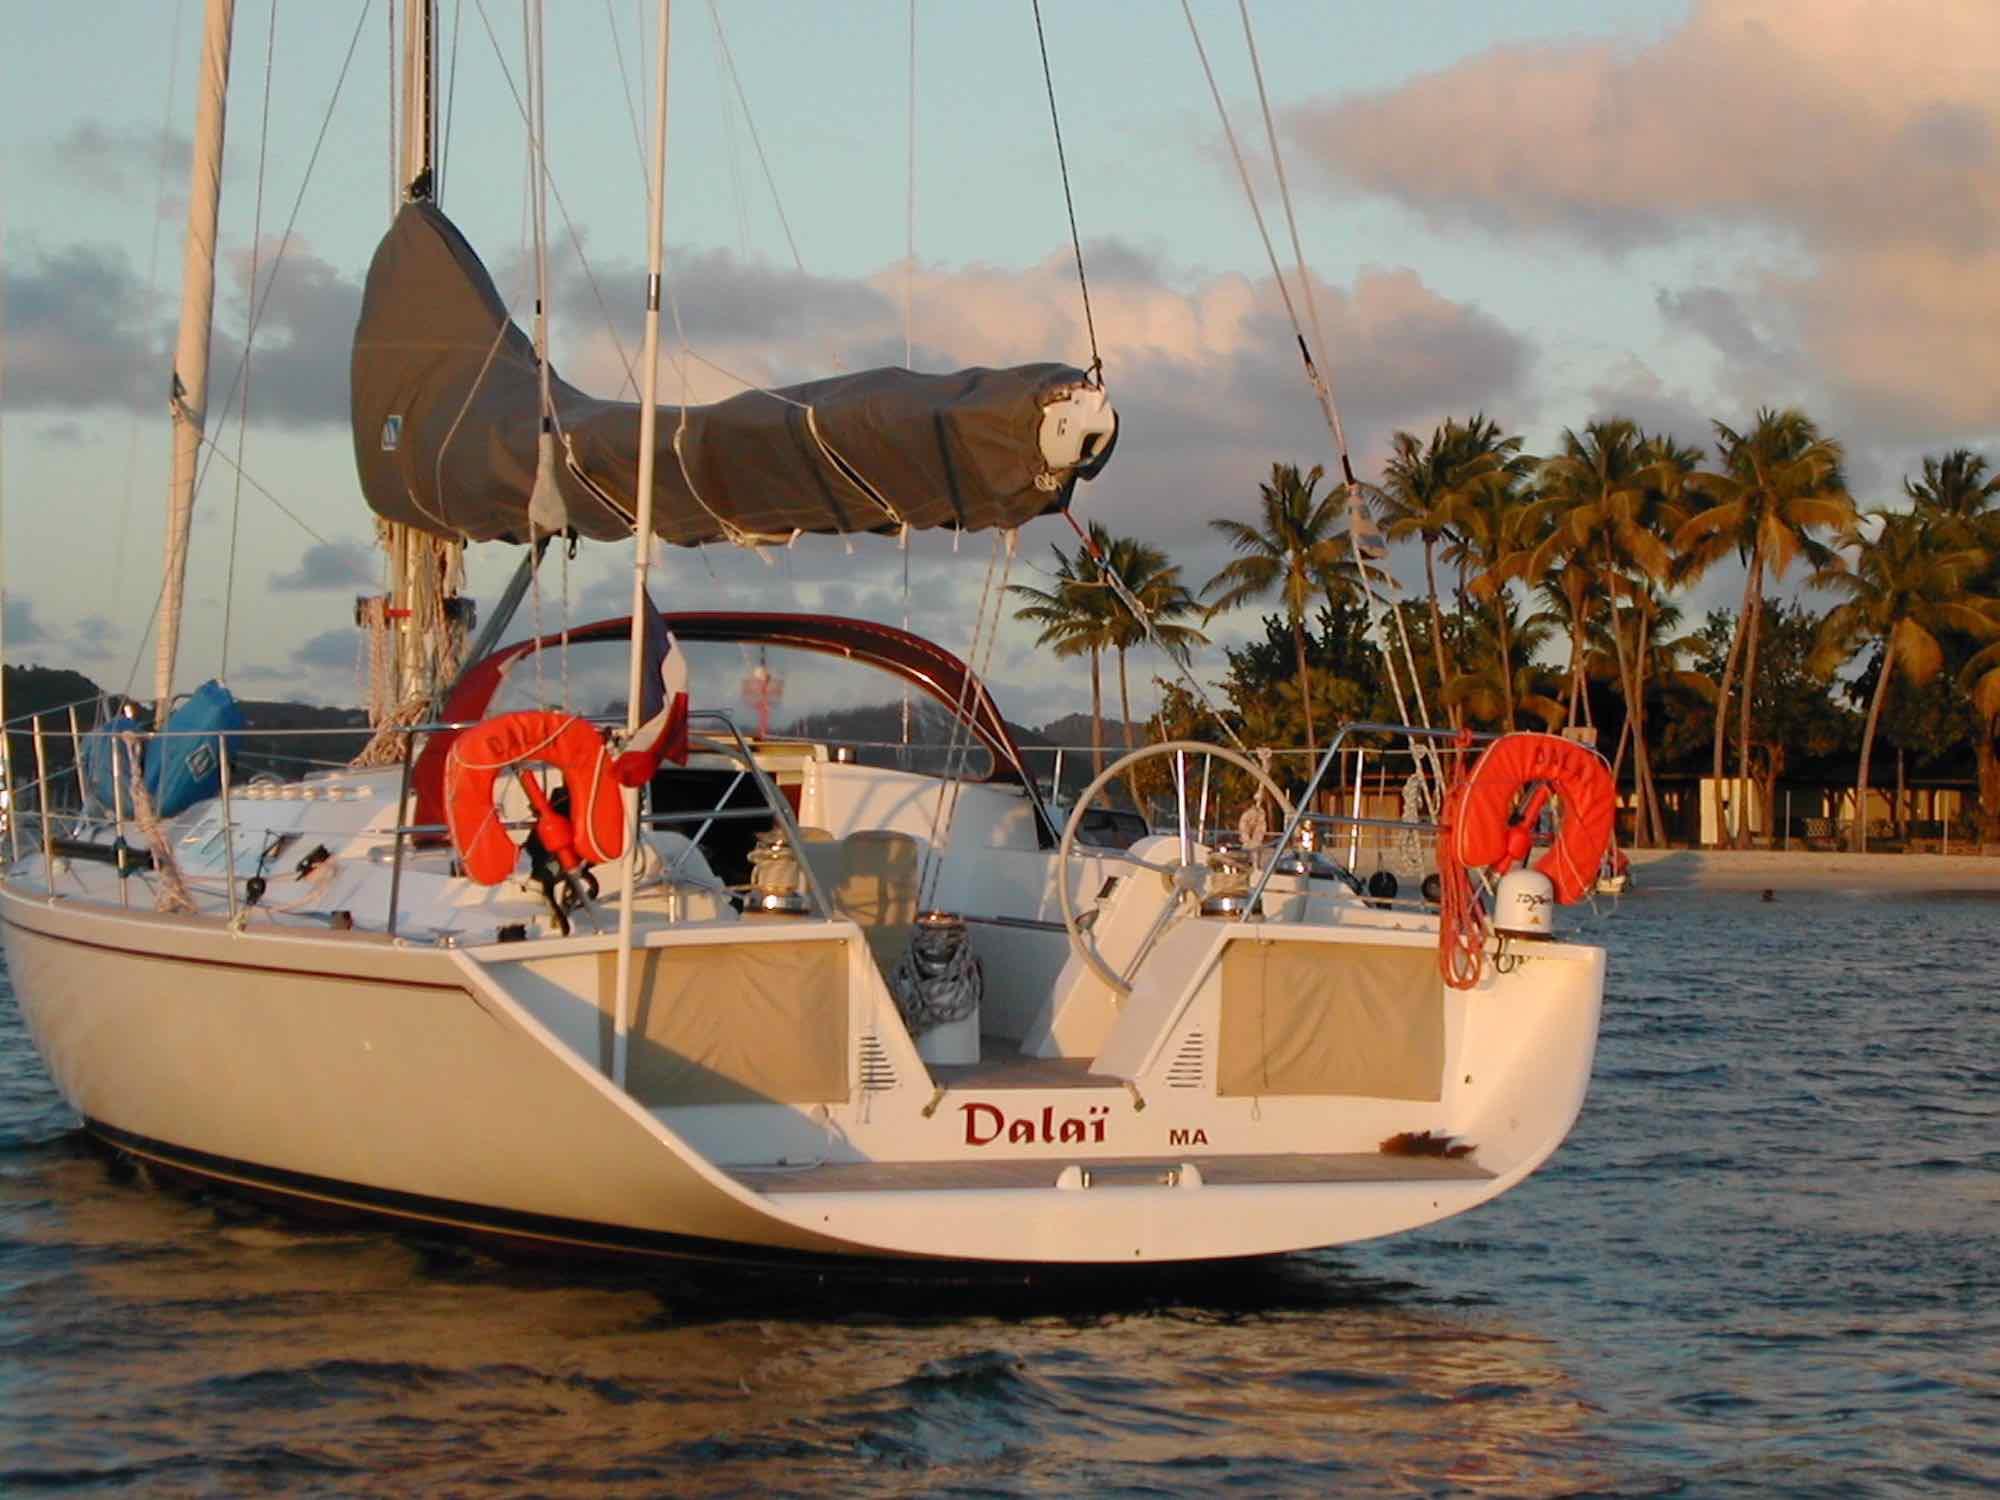 Dalai_closeup of yacht Dalai anchoring by green island in Mergui_XS.jpeg